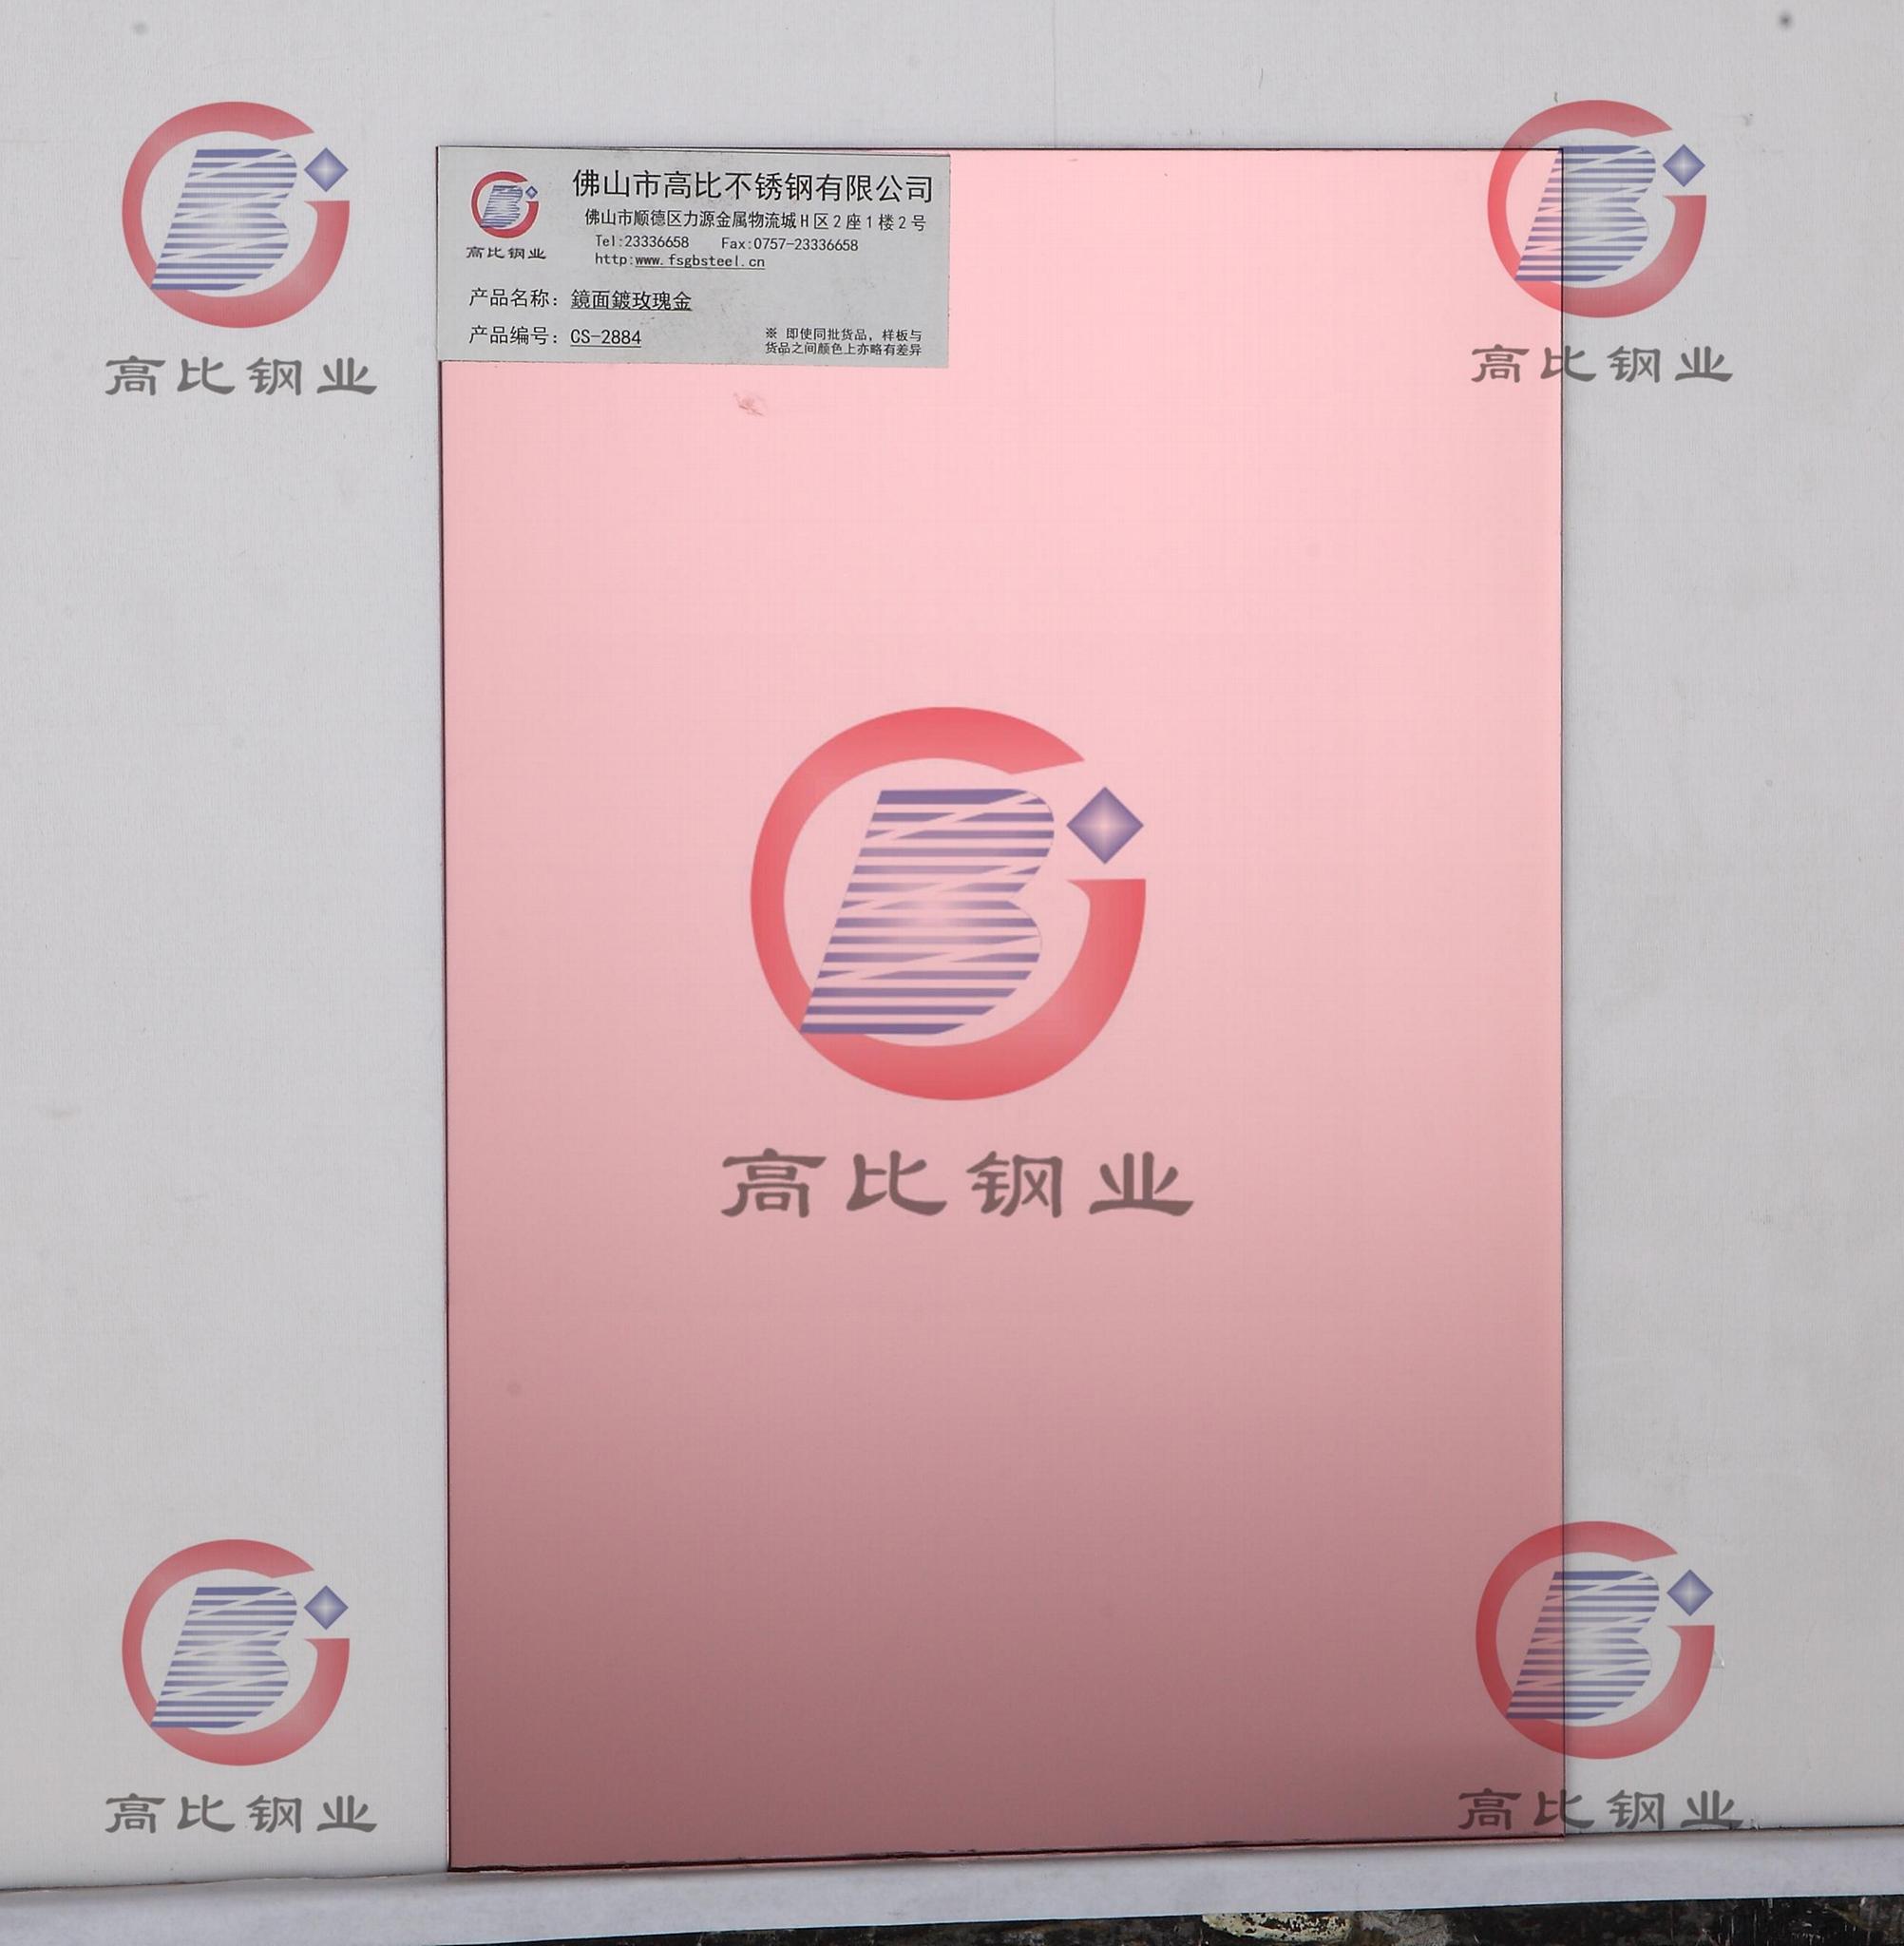 CS-2884镜面镀玫瑰金 高比彩色不锈钢表面着色加工   1